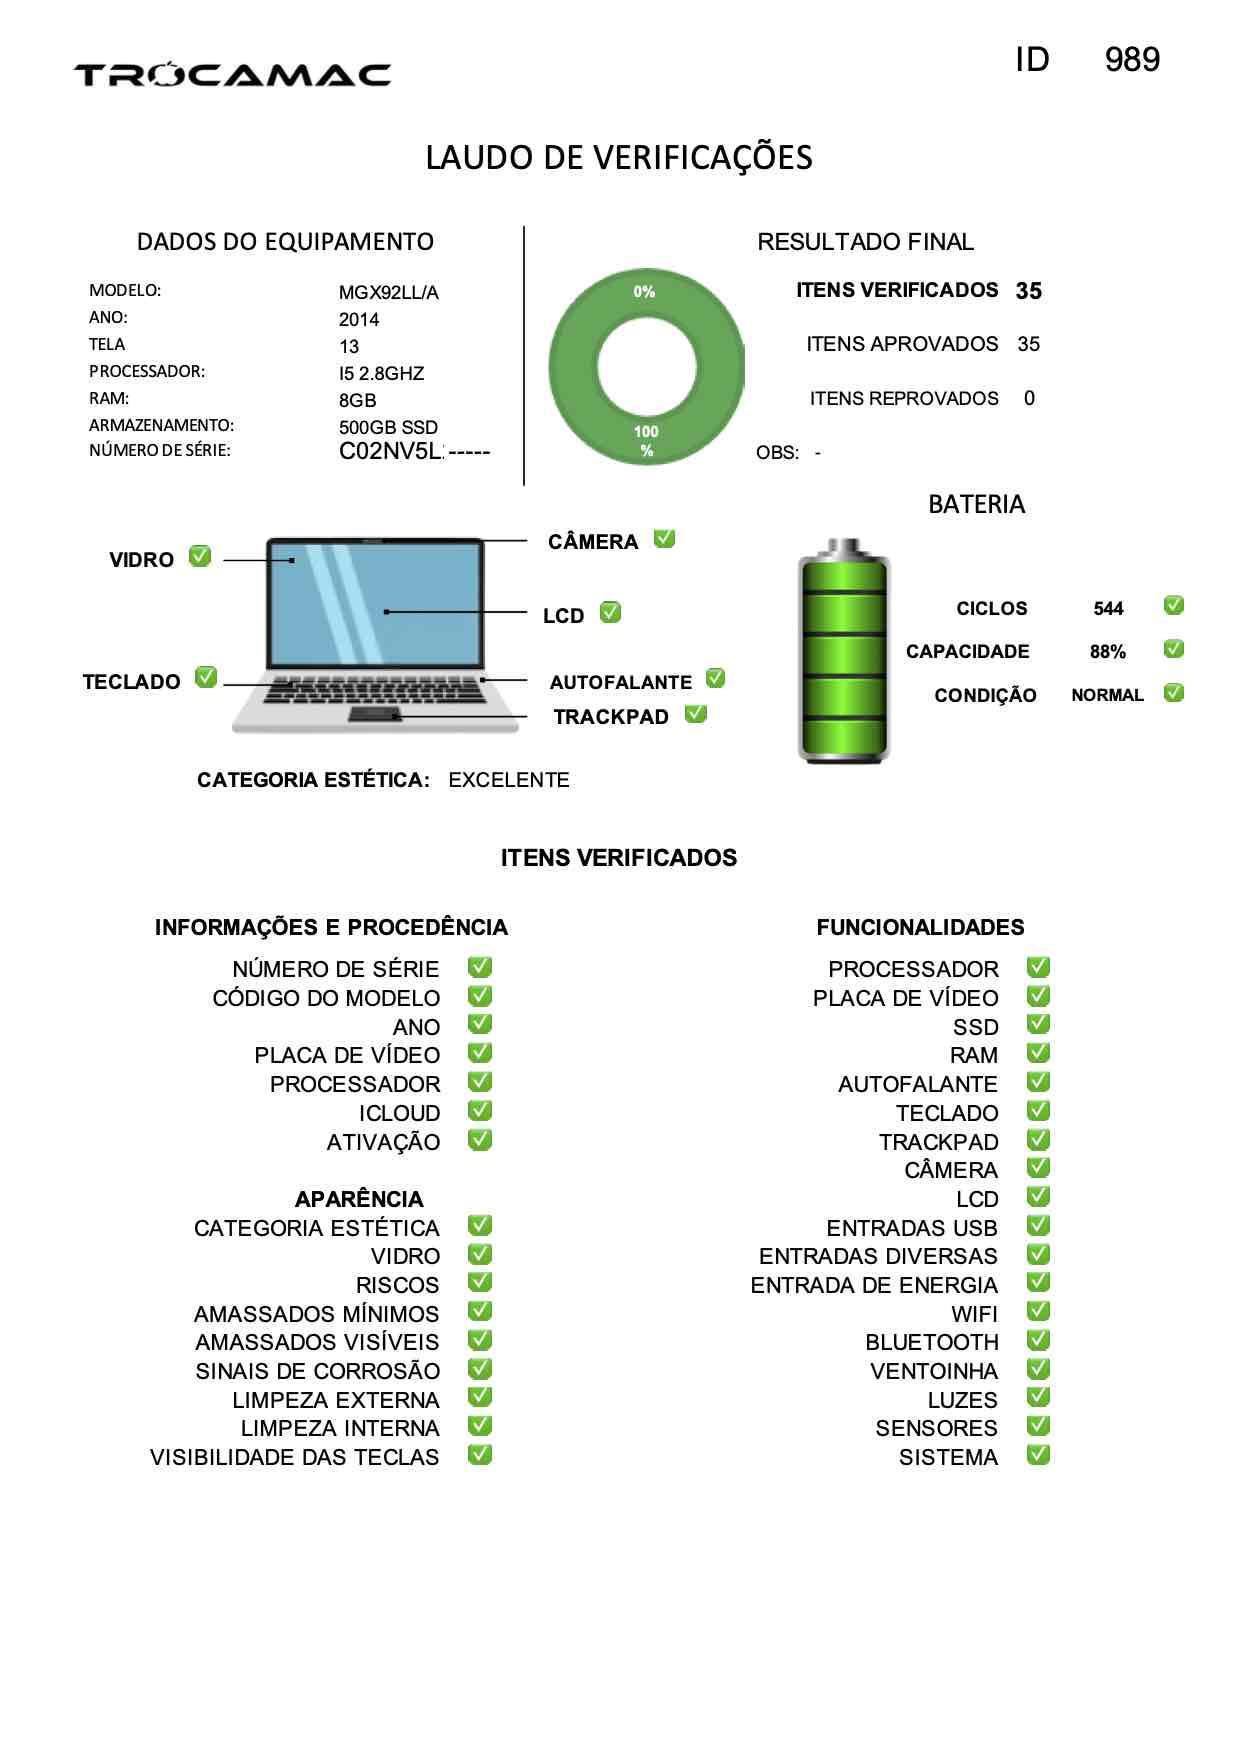 Macbook Pro Retina 13 i5 2.8Ghz 8GB 512GB SSD MGX92LL/A Seminovo